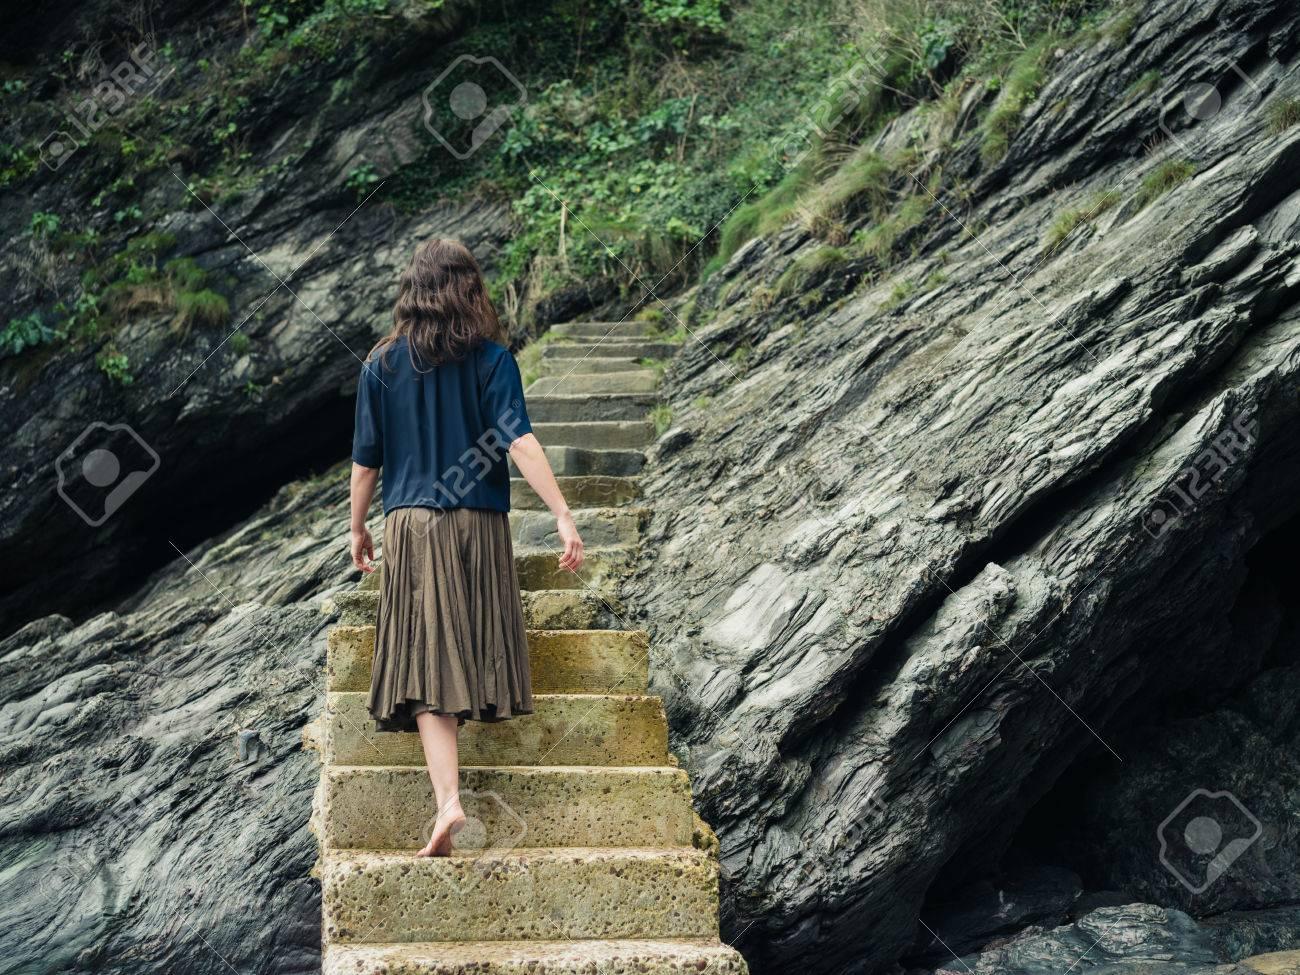 fbdc5a0f3 Una mujer descalza joven está caminando en unas escaleras que conducen un  acantilado